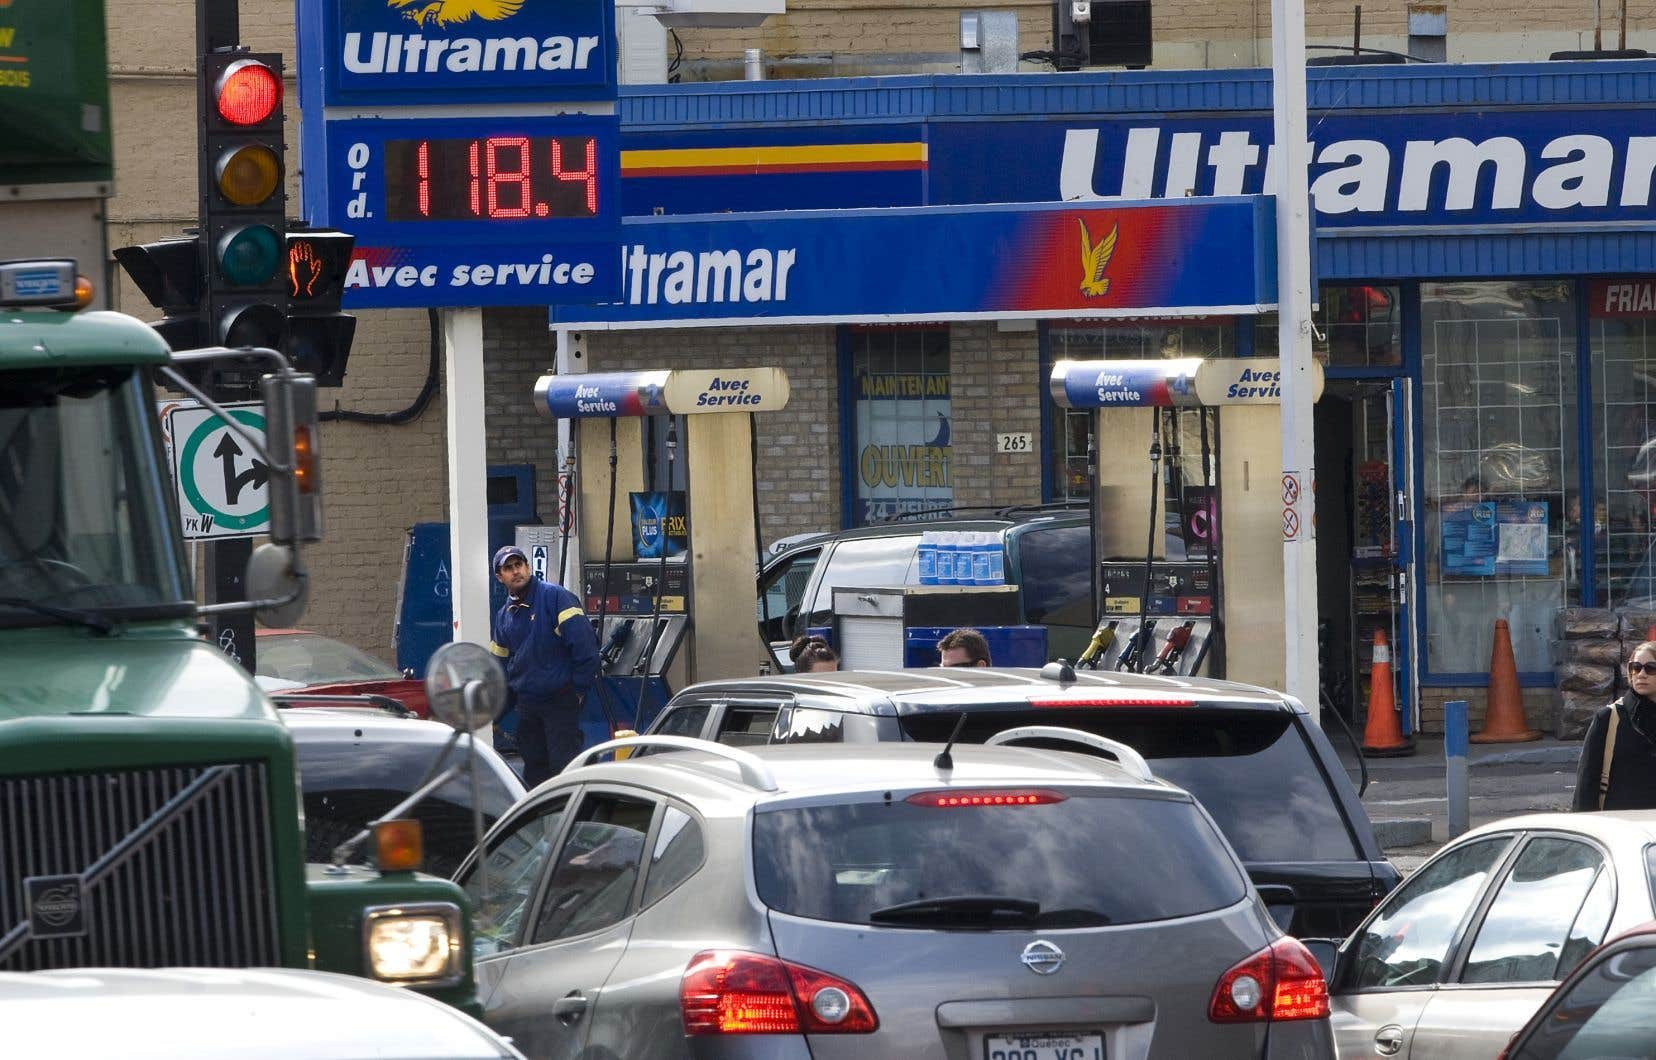 Les prix de l'essence ont diminué de 6,9% d'une année à l'autre en juillet après avoir affiché un recul de 9,2% en juin.